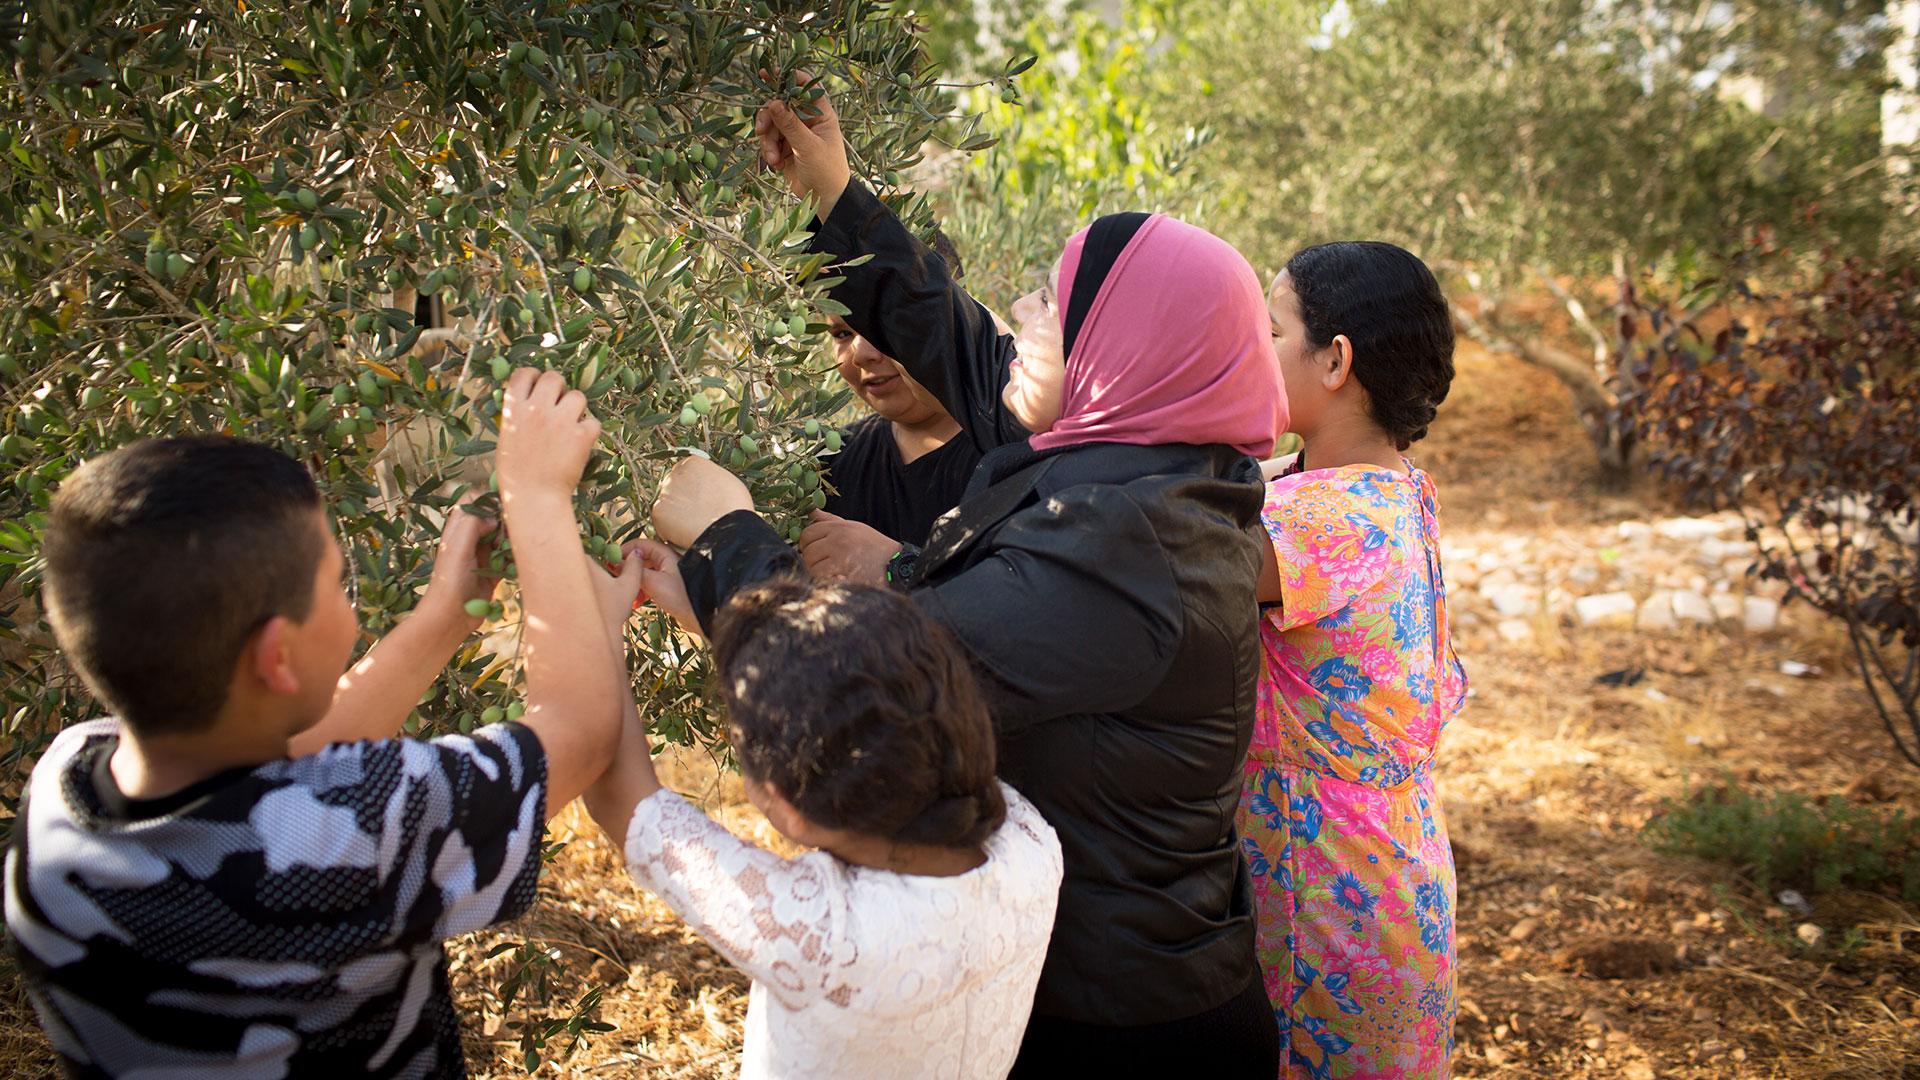 Judge Kholoud picking olives with her children.